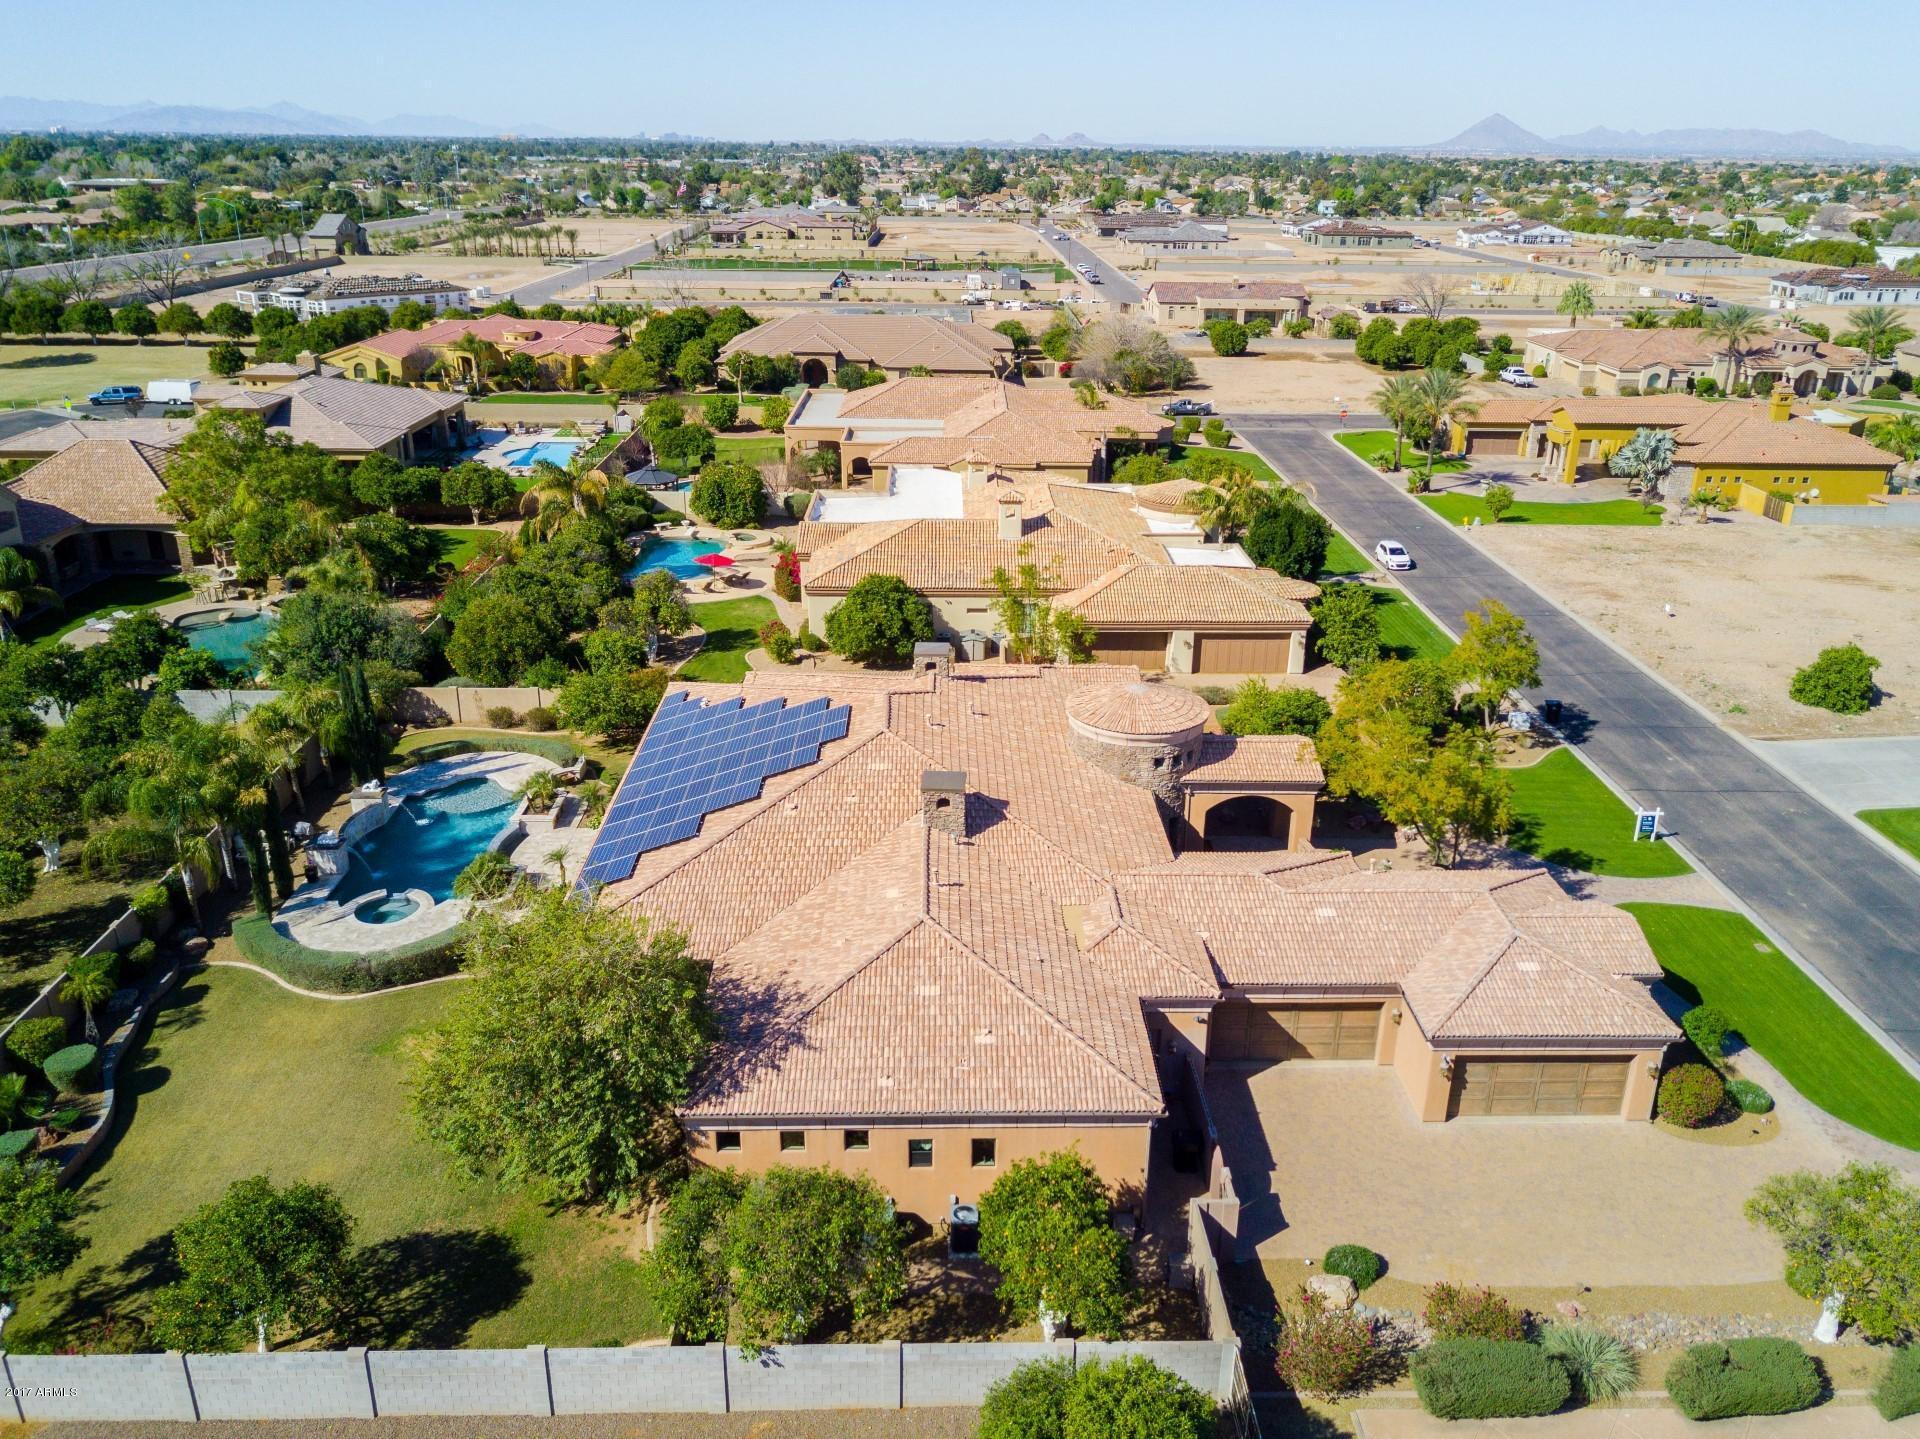 MLS 5566529 3461 E KENWOOD Street, Mesa, AZ 85213 Mesa AZ The Groves